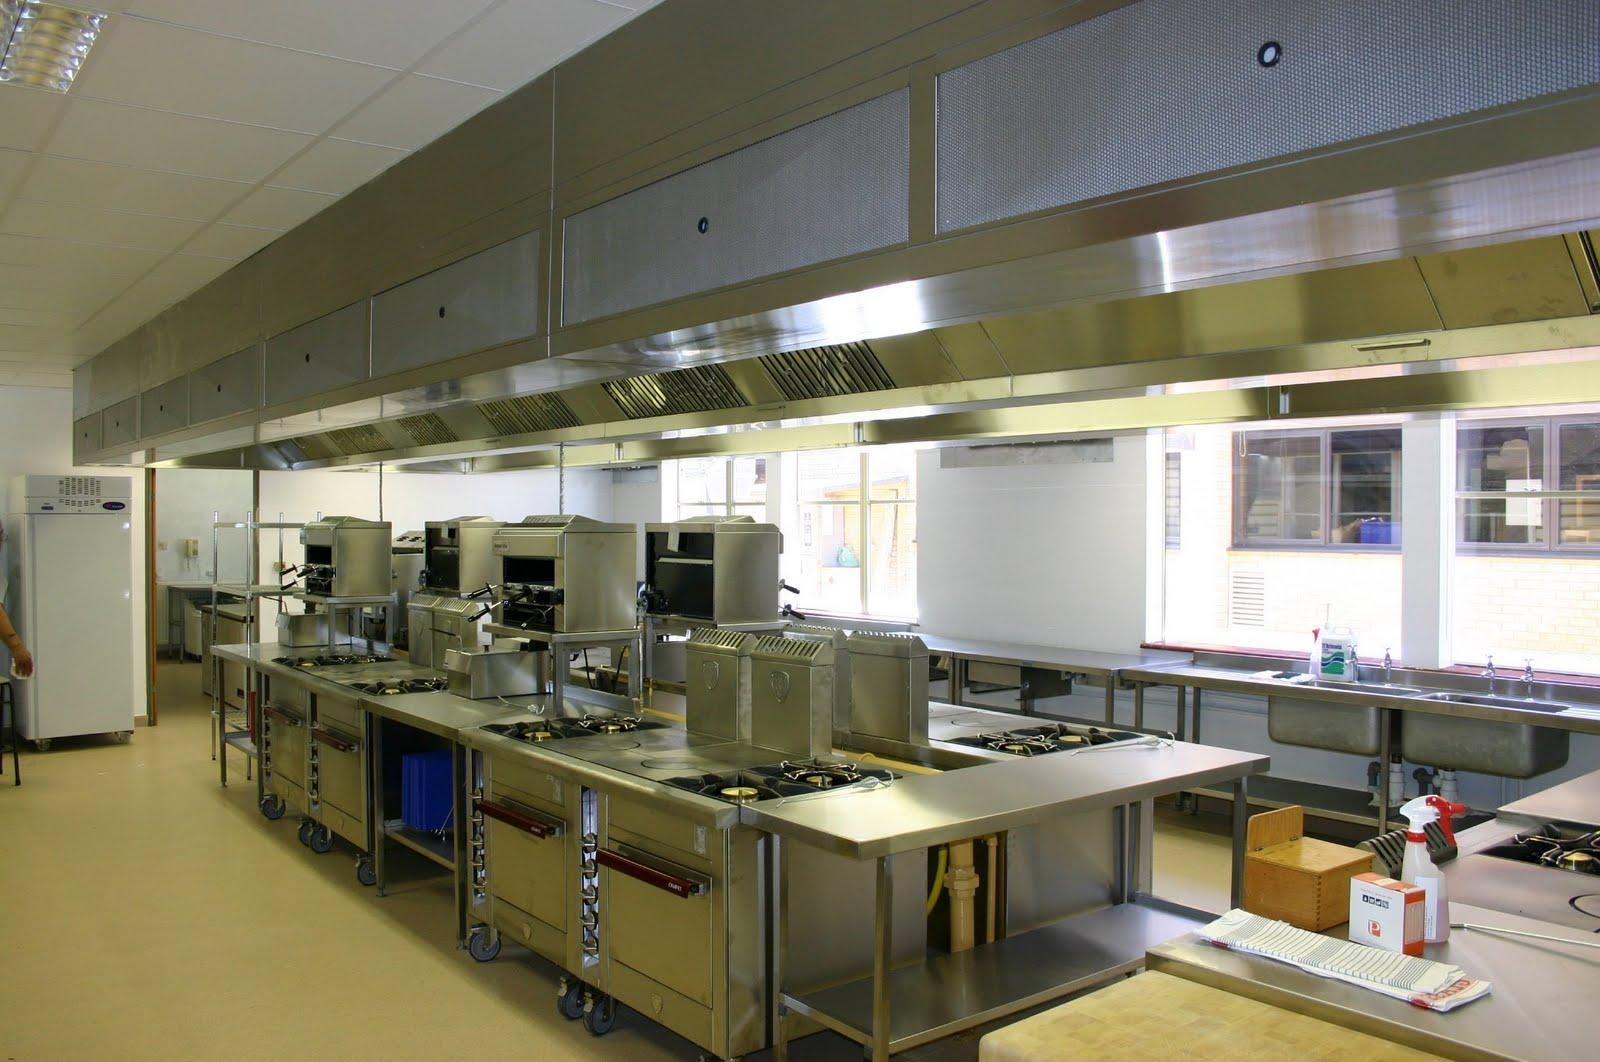 Todoproductividad junio 2011 for Cocinas y equipos